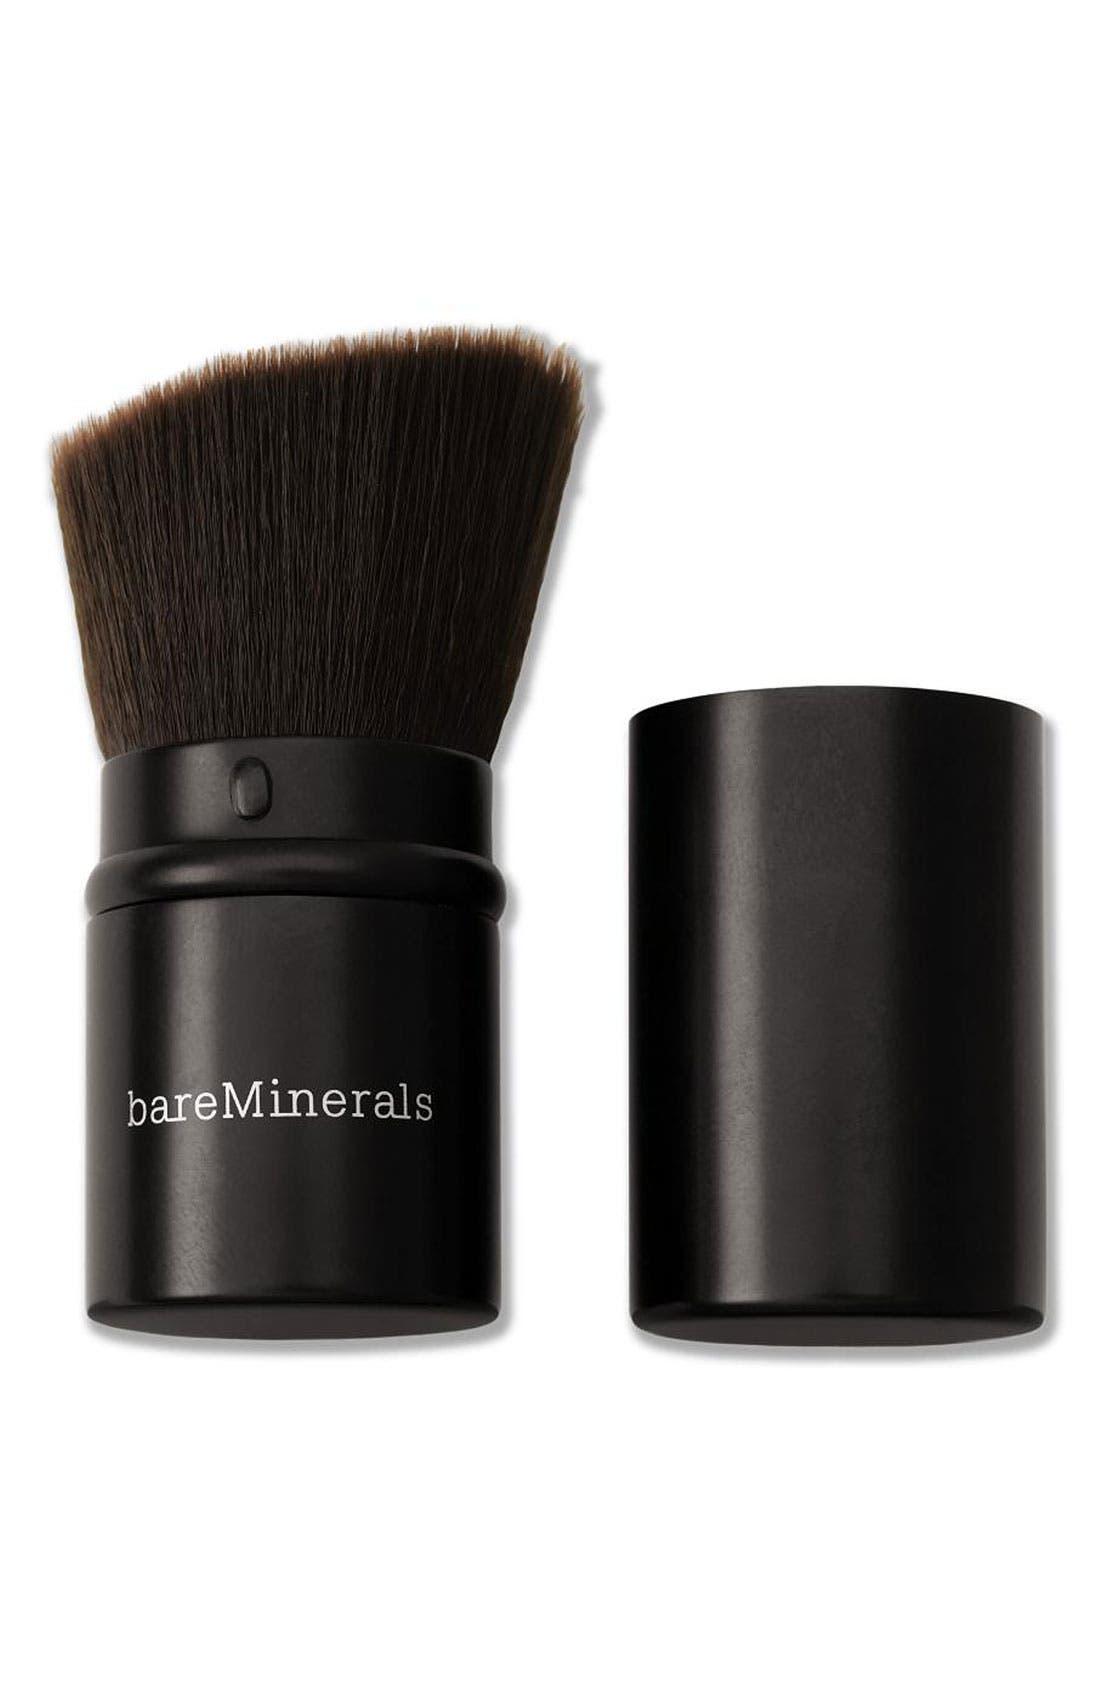 bareMinerals® Retractable Precision Face Brush